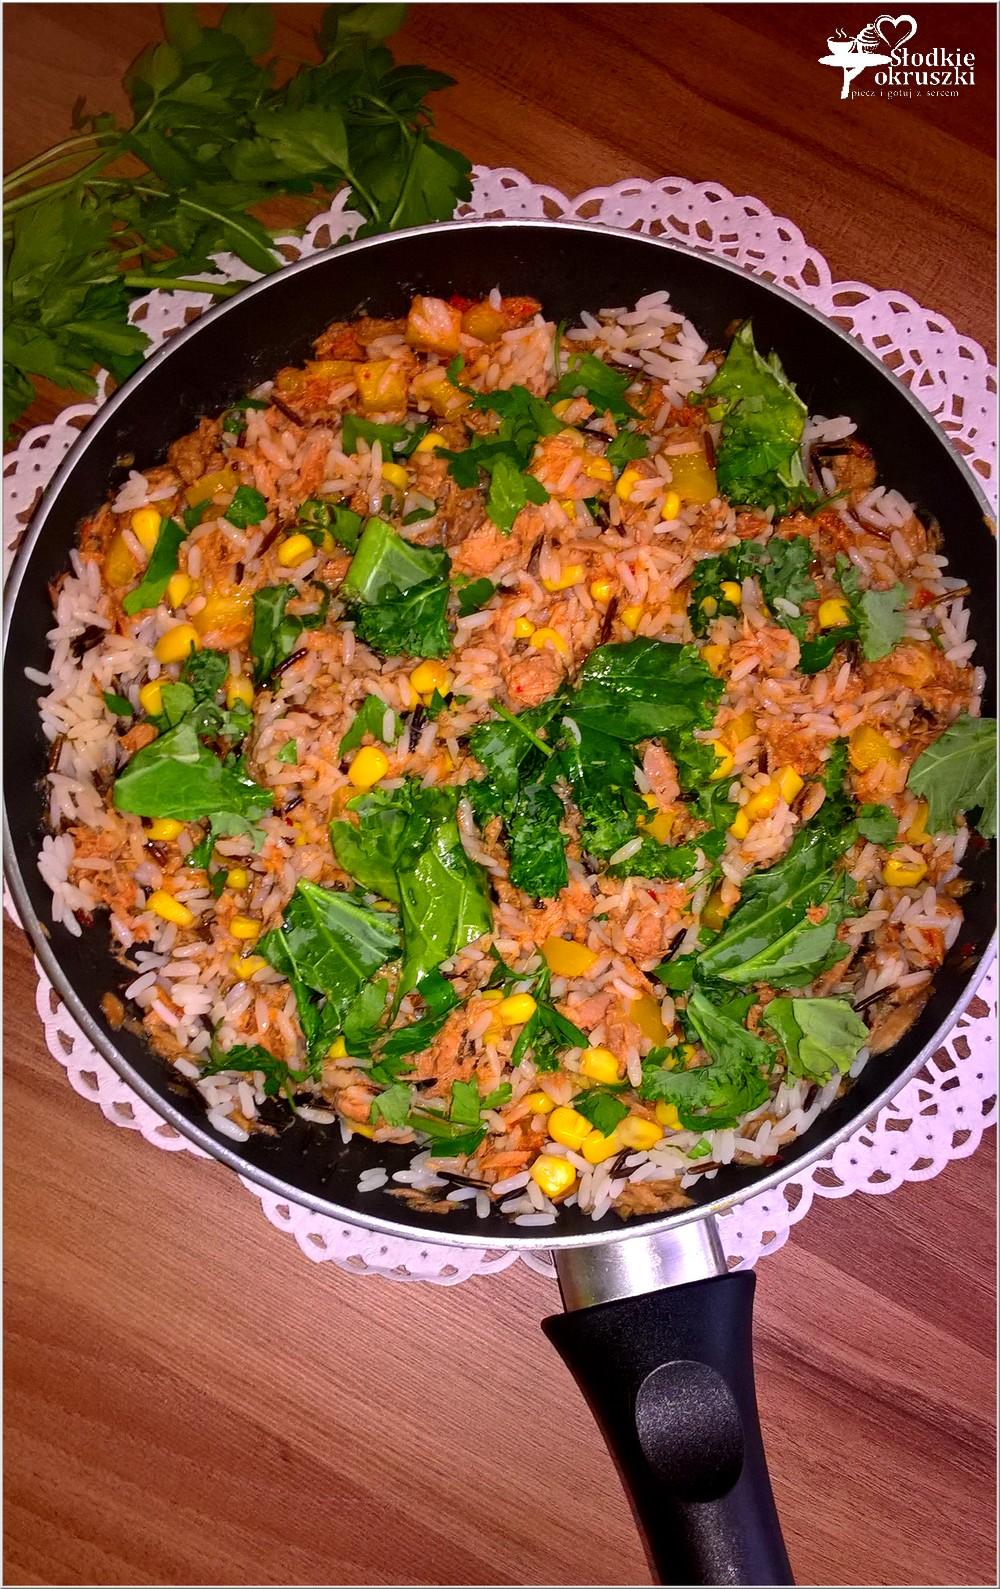 Ryż z pikantnym tuńczykiem, słoneczną kukurydzą i zielonymi dodatkami (2)